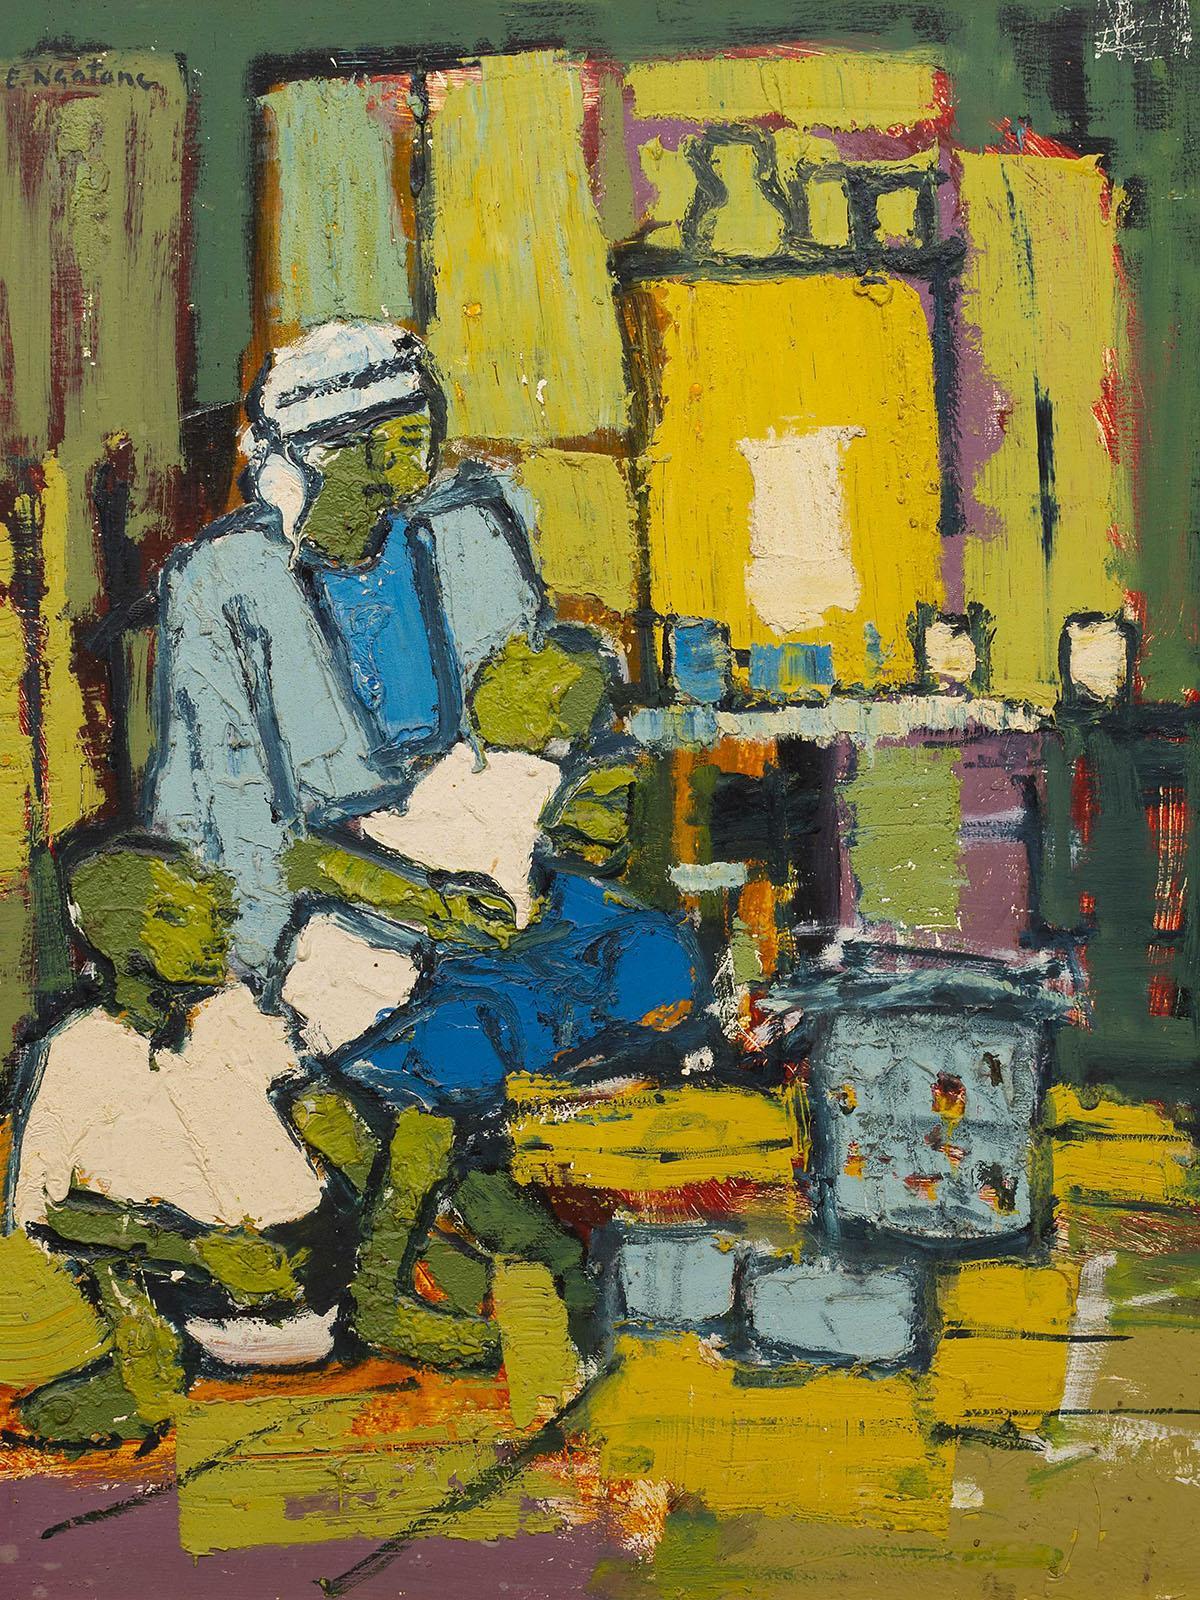 Ephraim Ngatane (SA 1938 - 1971) Textured Oil, Mother & Children, Signed, 75 x 58